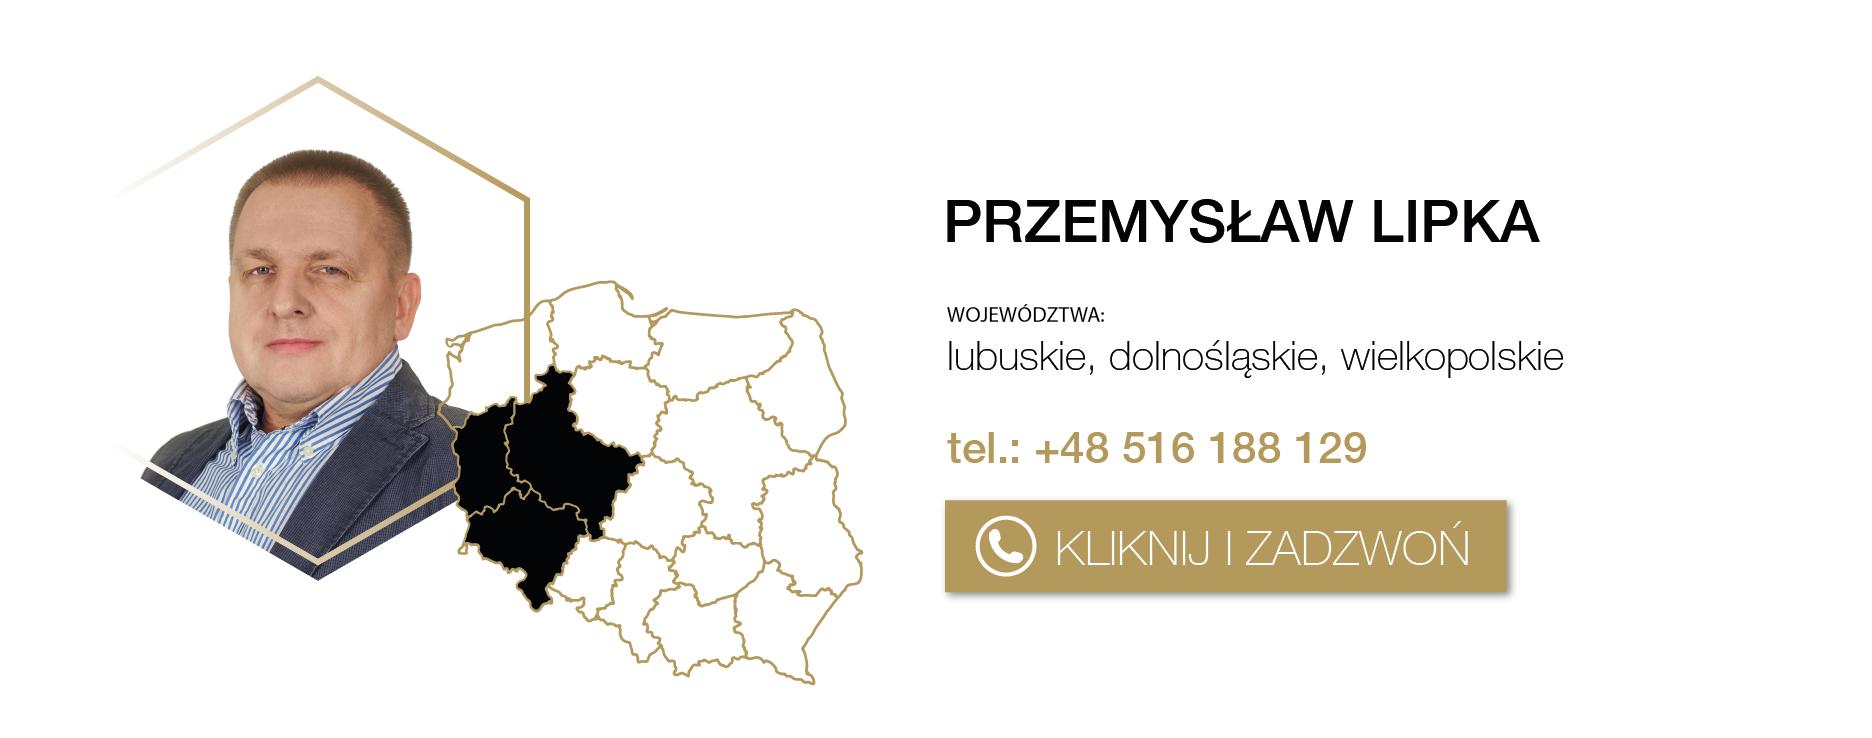 Przemysław Lipka